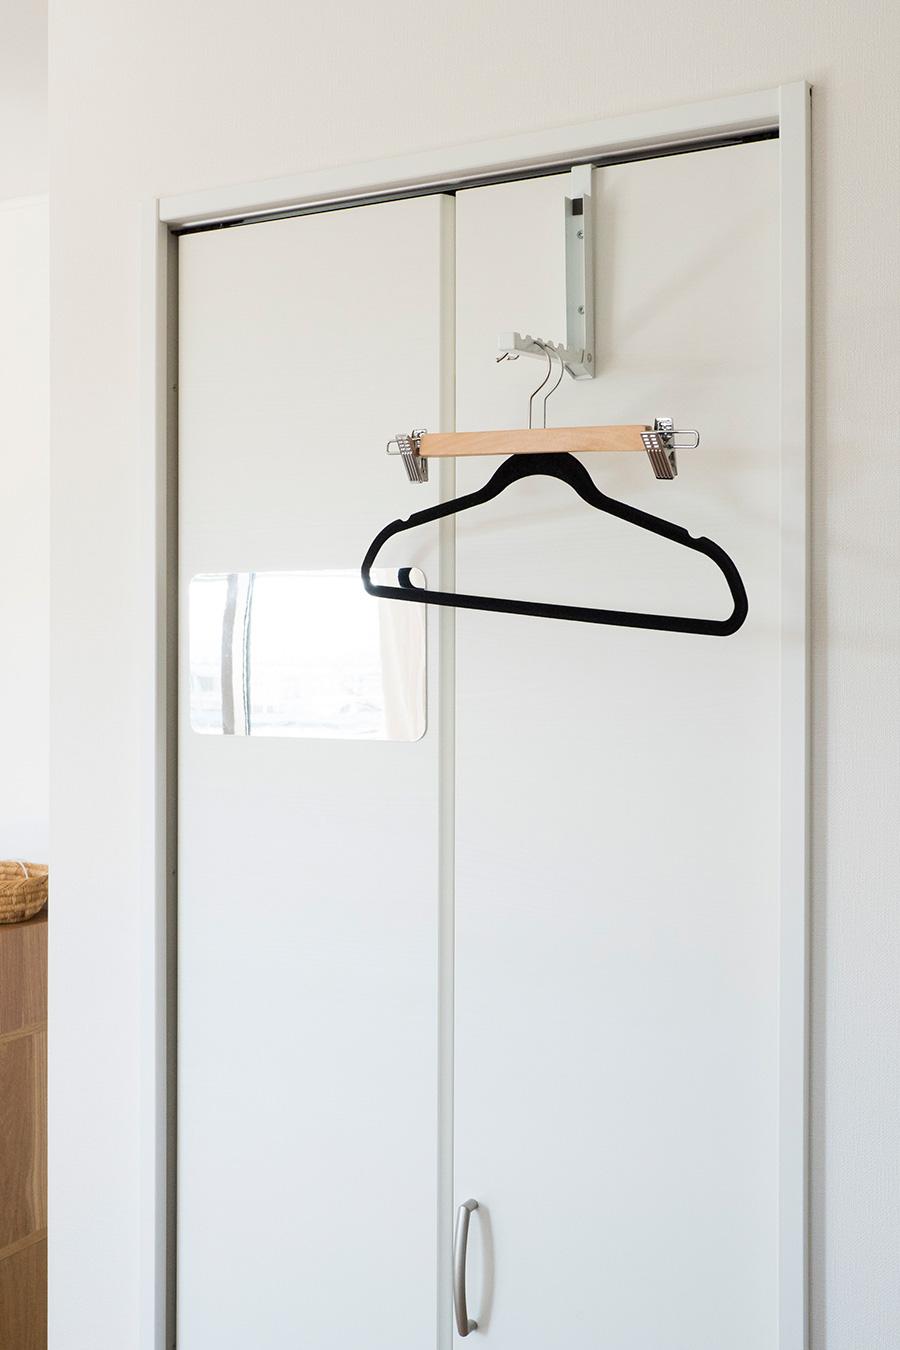 帰宅後の動線上にスーツをかけるハンガーを。山崎実業の扉にかけられるフックが重宝しているそう。